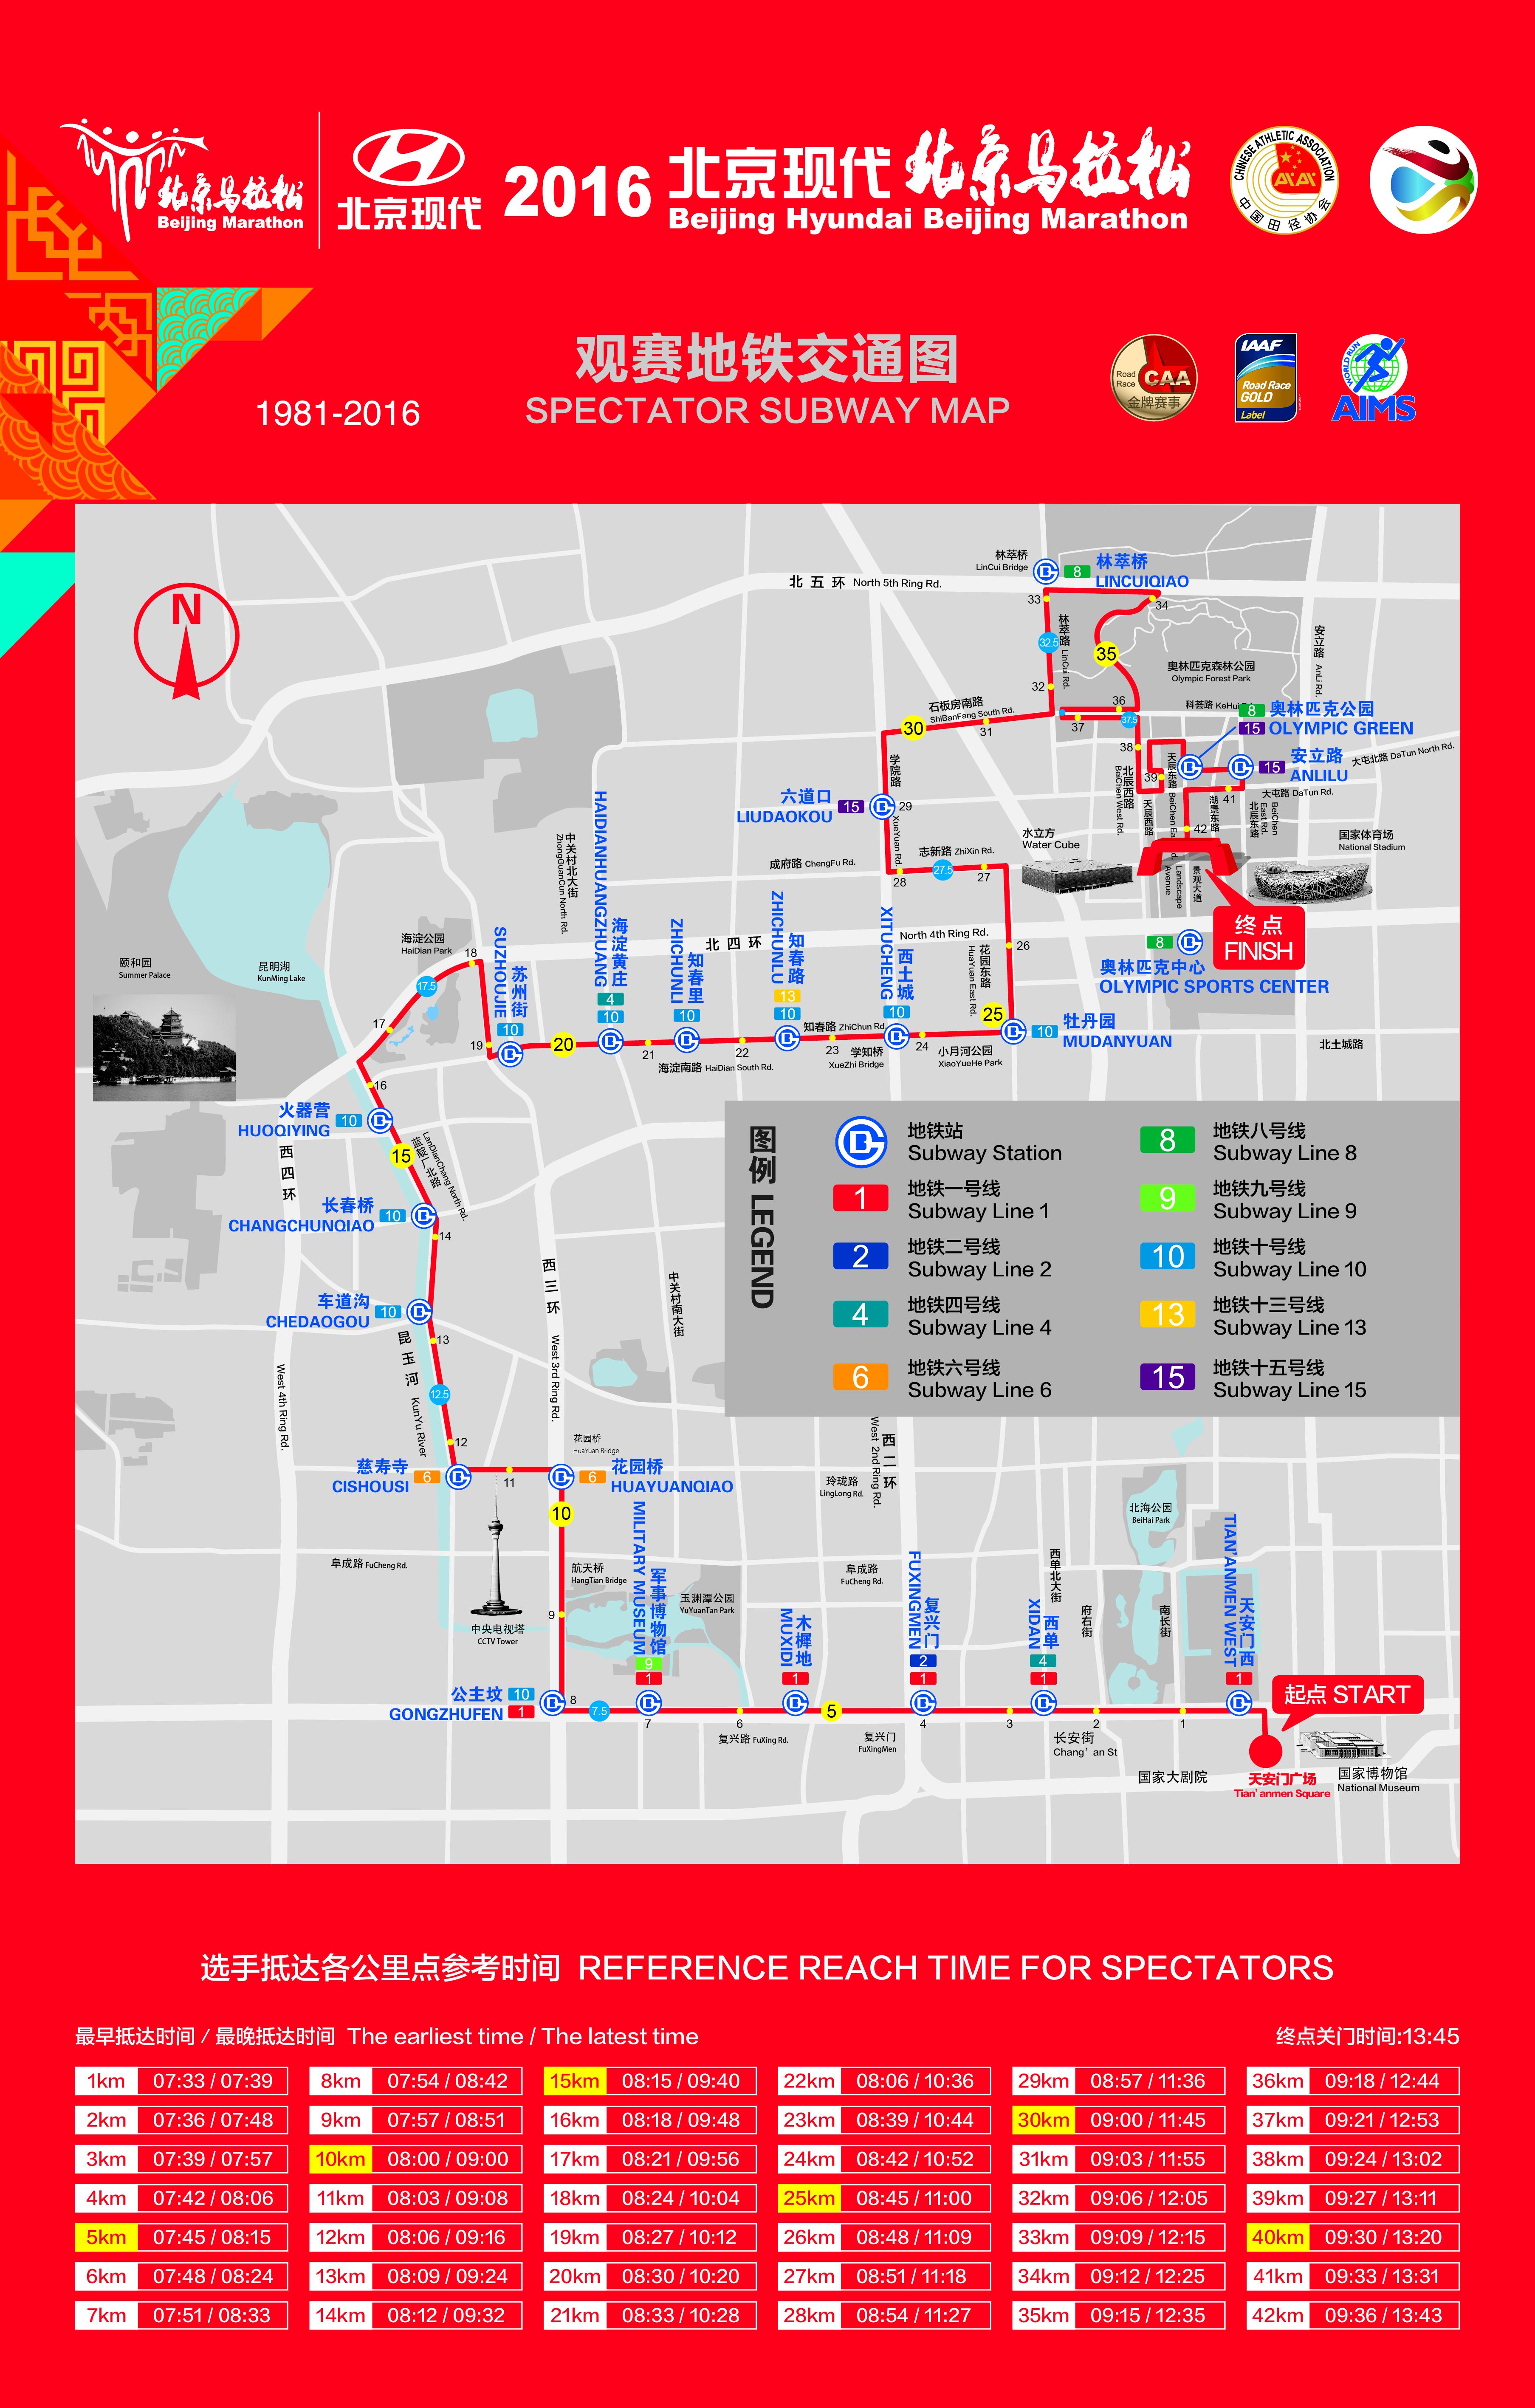 2016北京马拉松-观赛地铁交通图-01.jpg